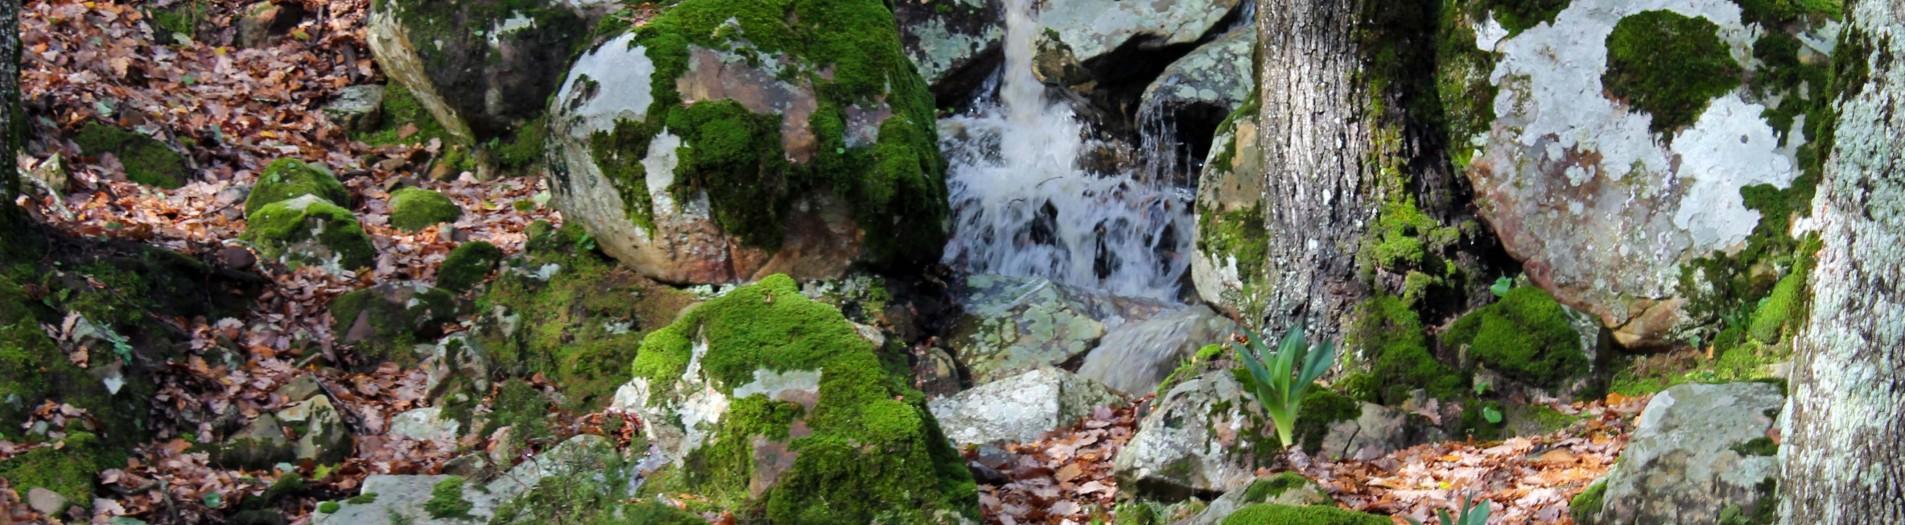 Le parc national El Feija الحديقة الوطنية بالفايجة